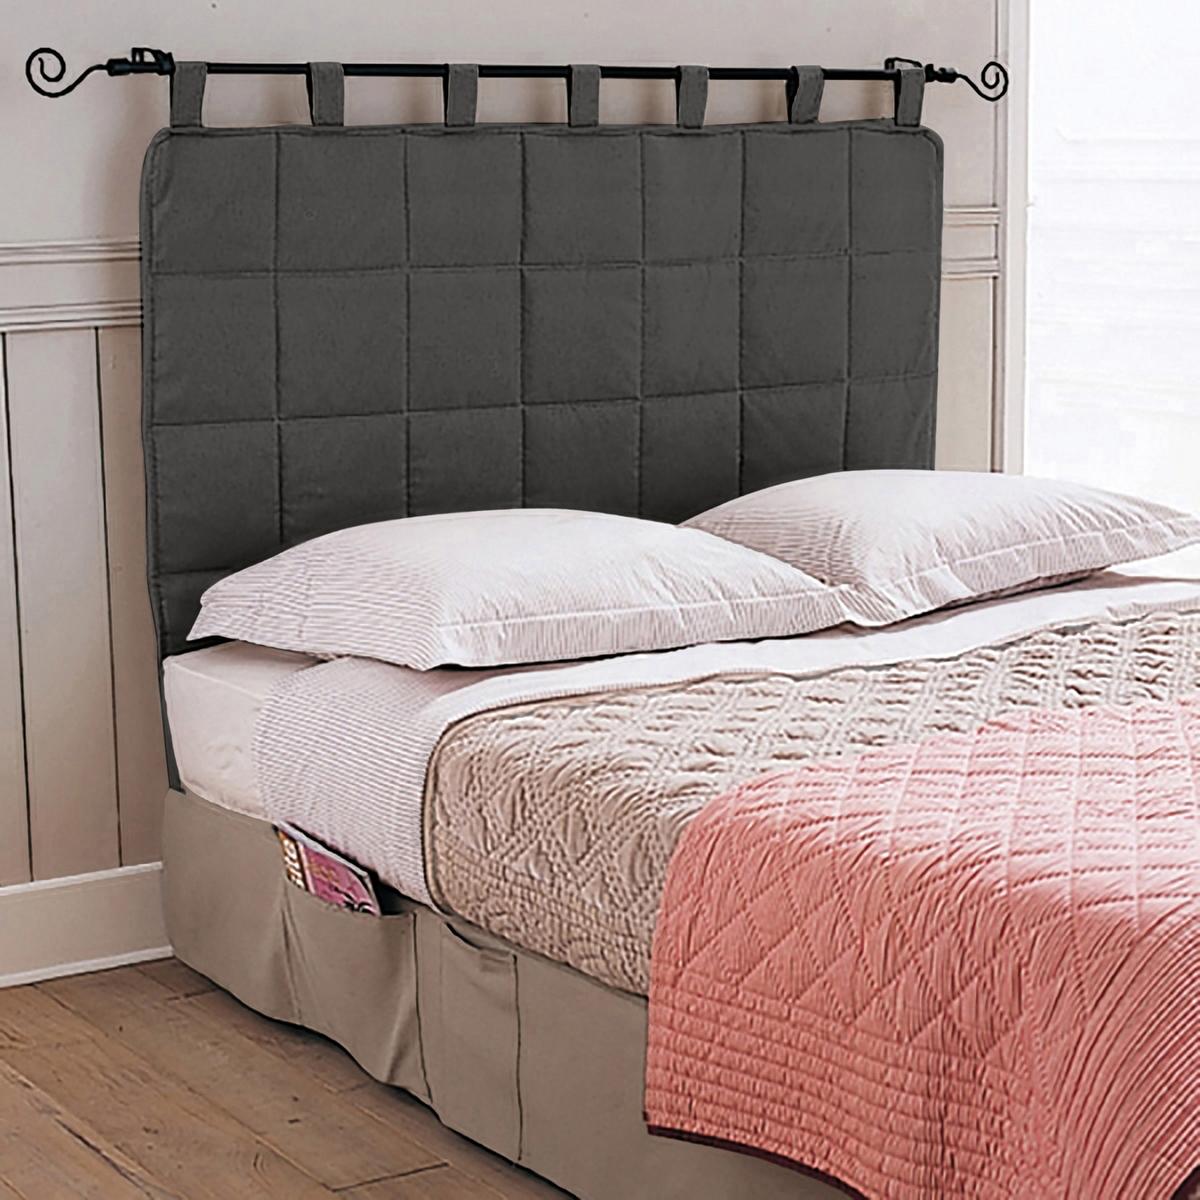 Изголовье LaRedoute Кровати с обивкой 100 x 100 см серый изголовье laredoute кровати с обивкой прямая форма 90 см белый